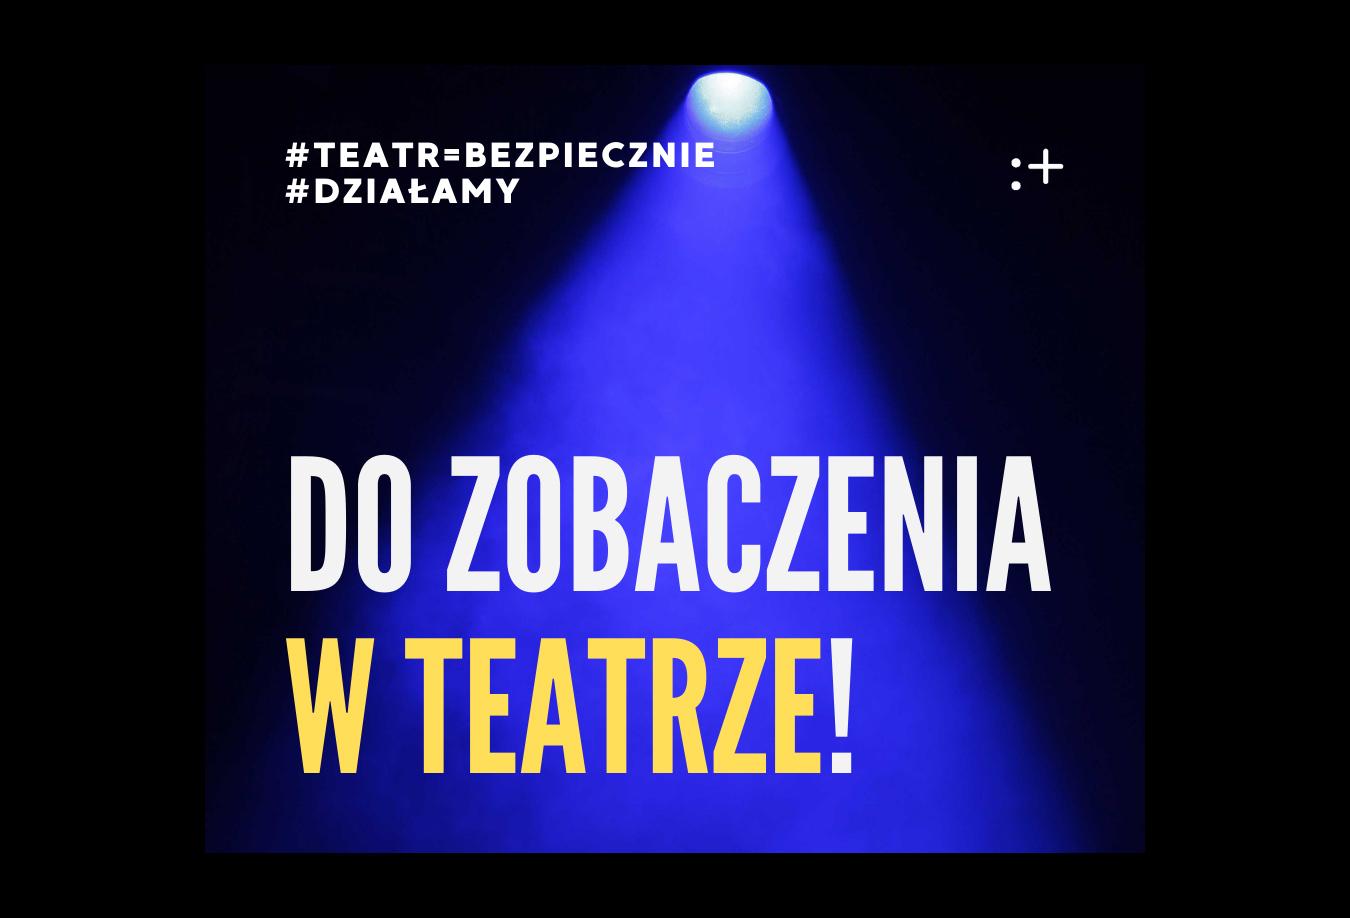 Bielskie teatry skierowały list do publiczności